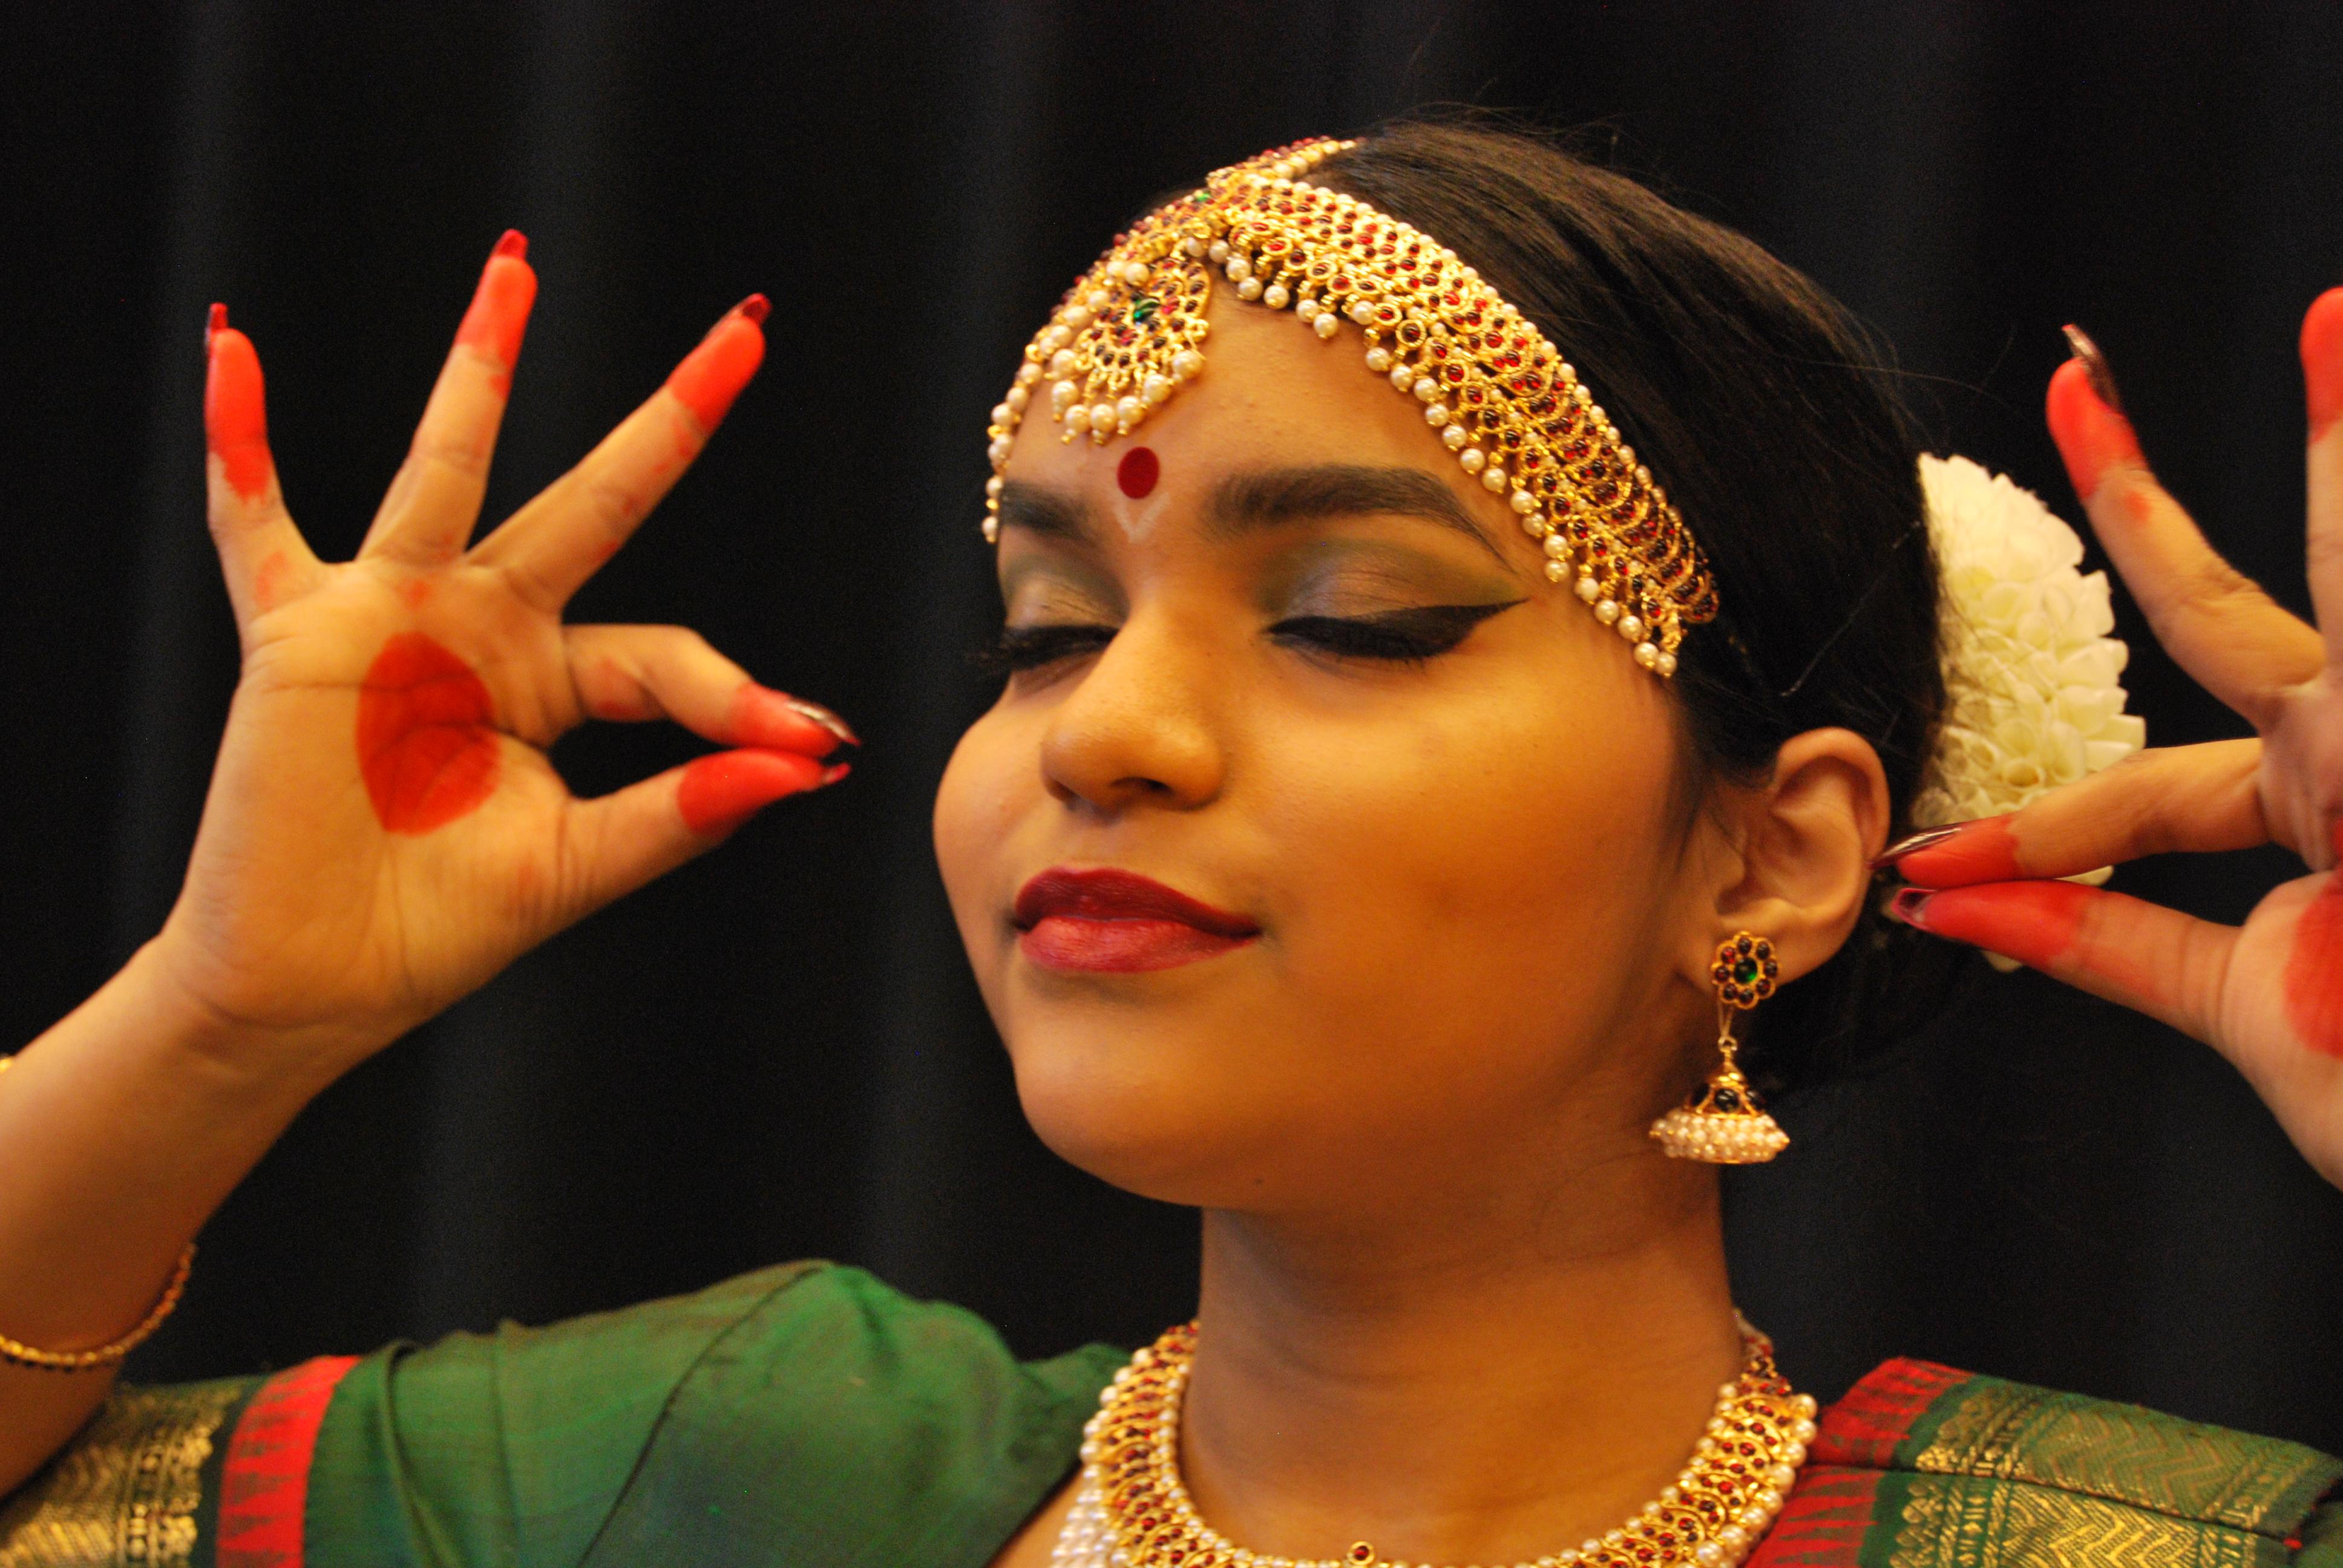 Prārambha